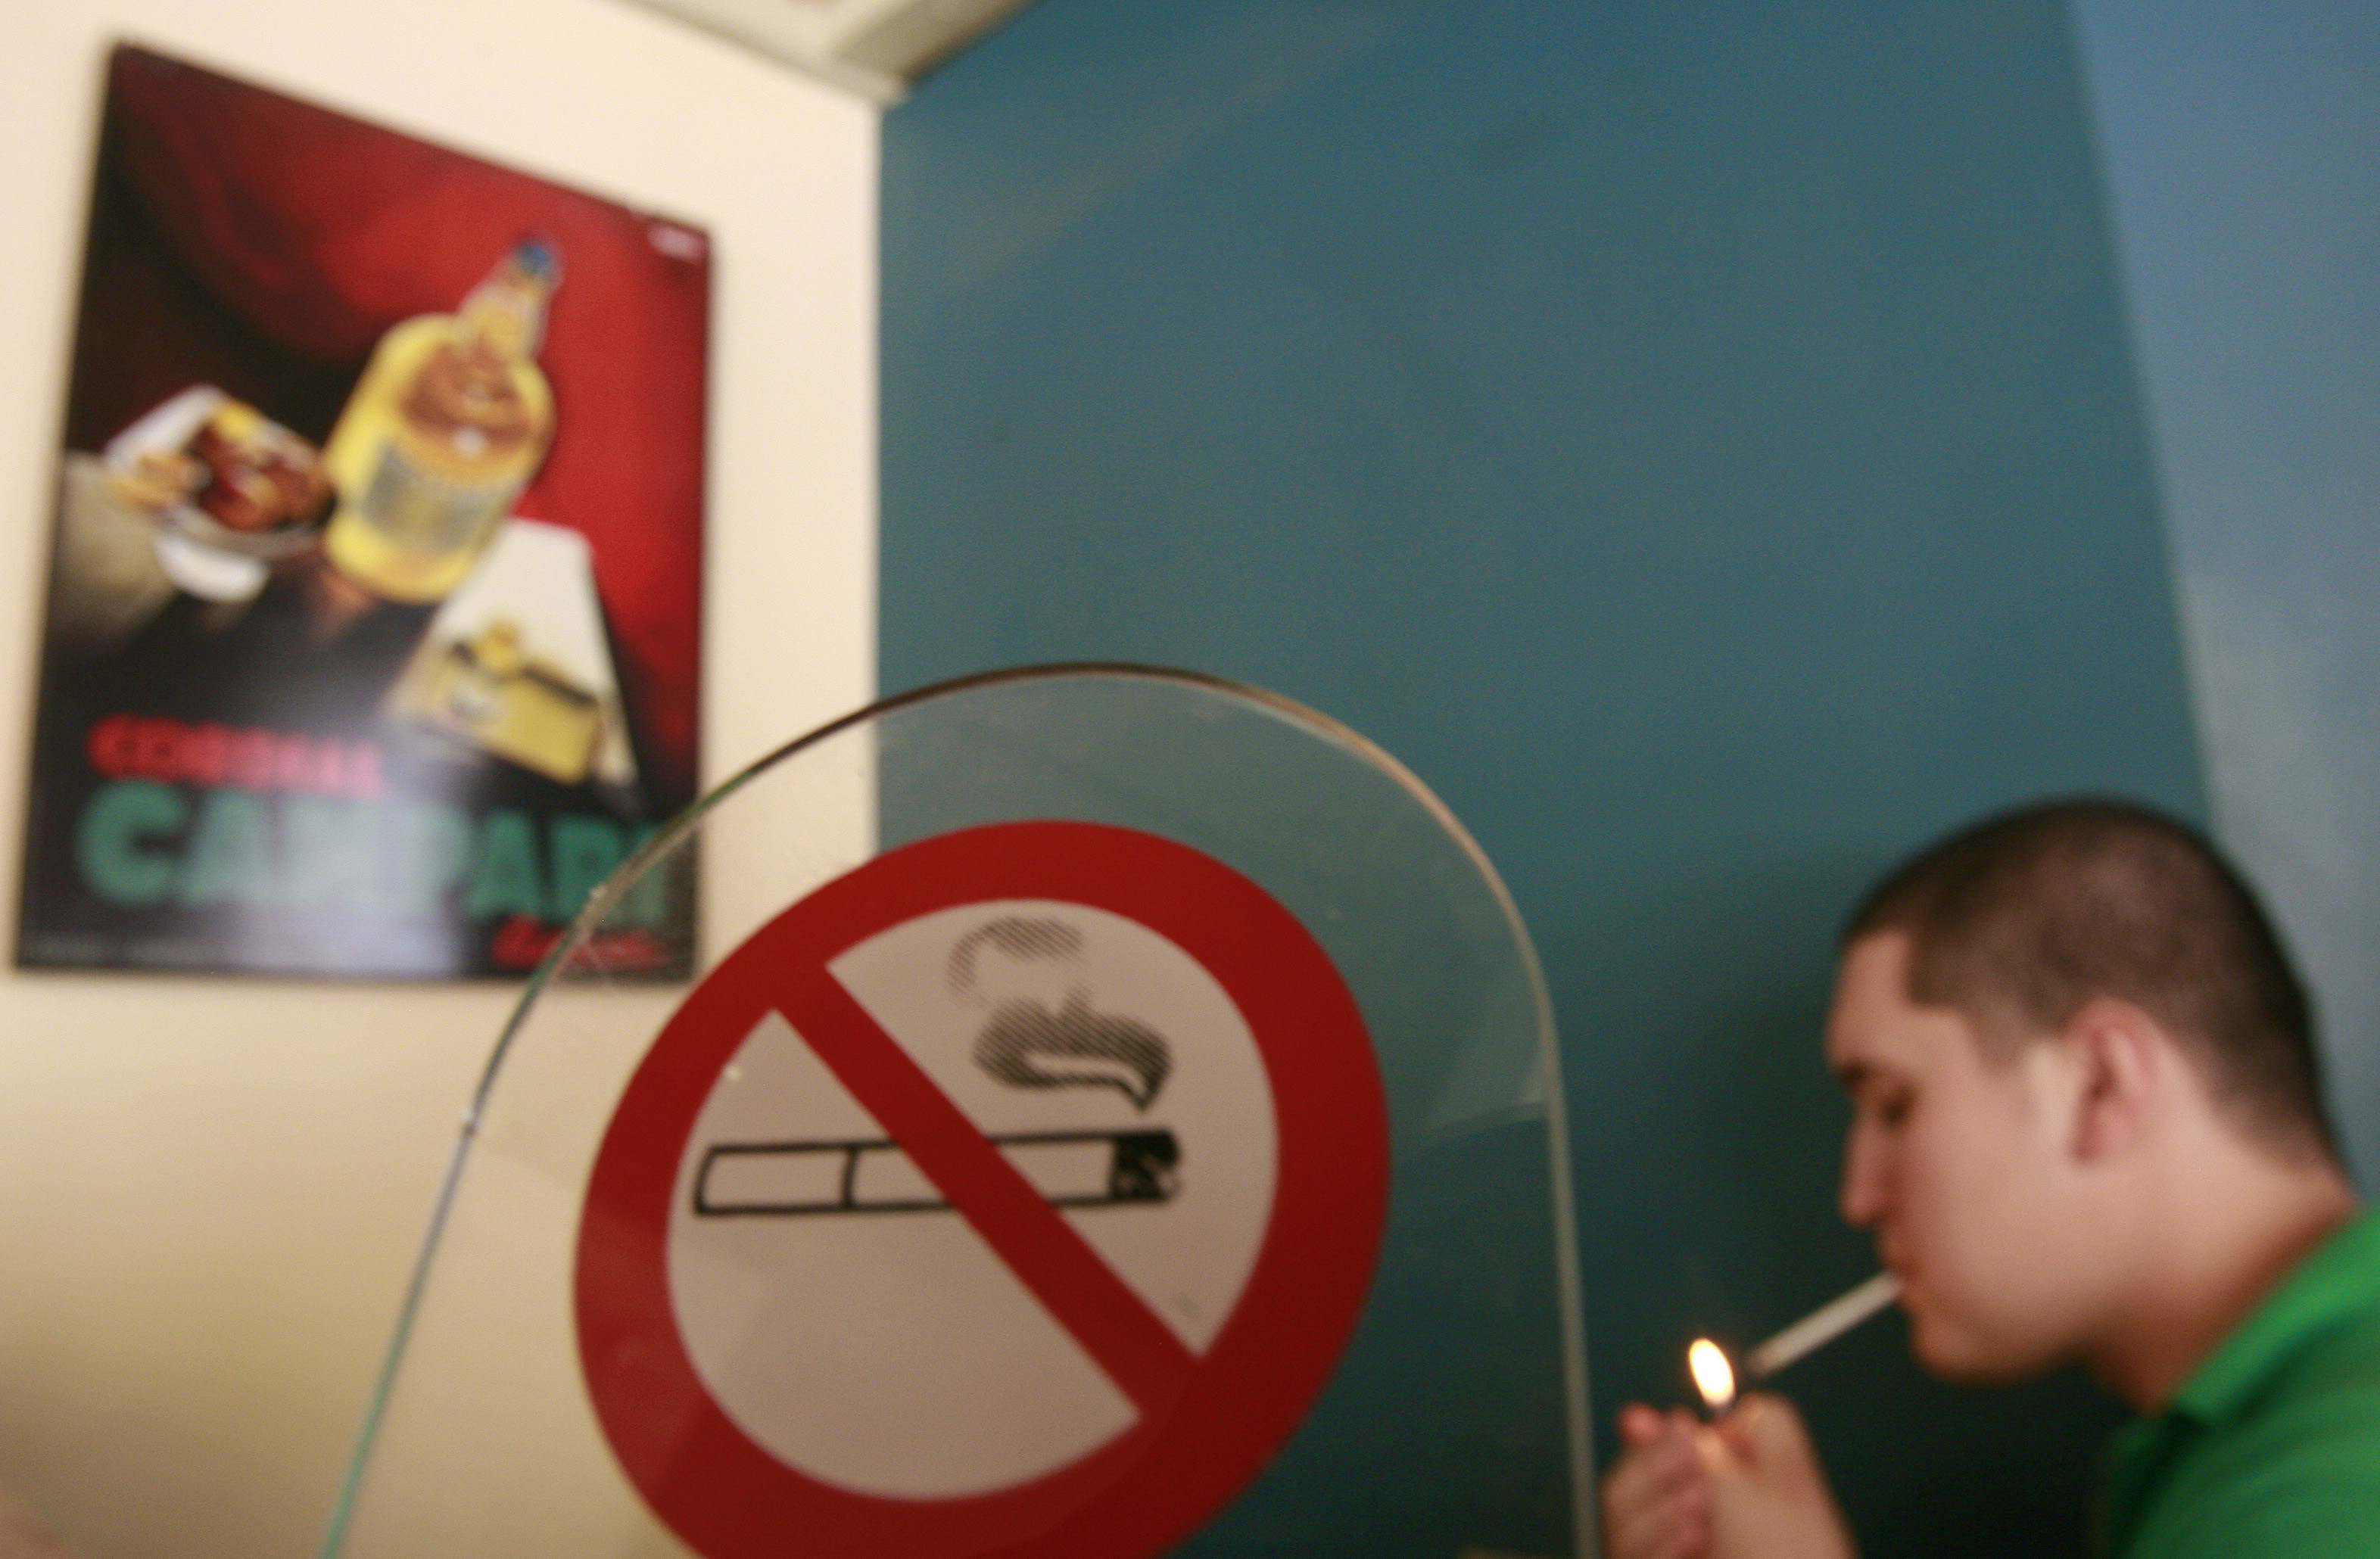 Спецслужбы задержали подпольных торговцев поддельными сигаретами